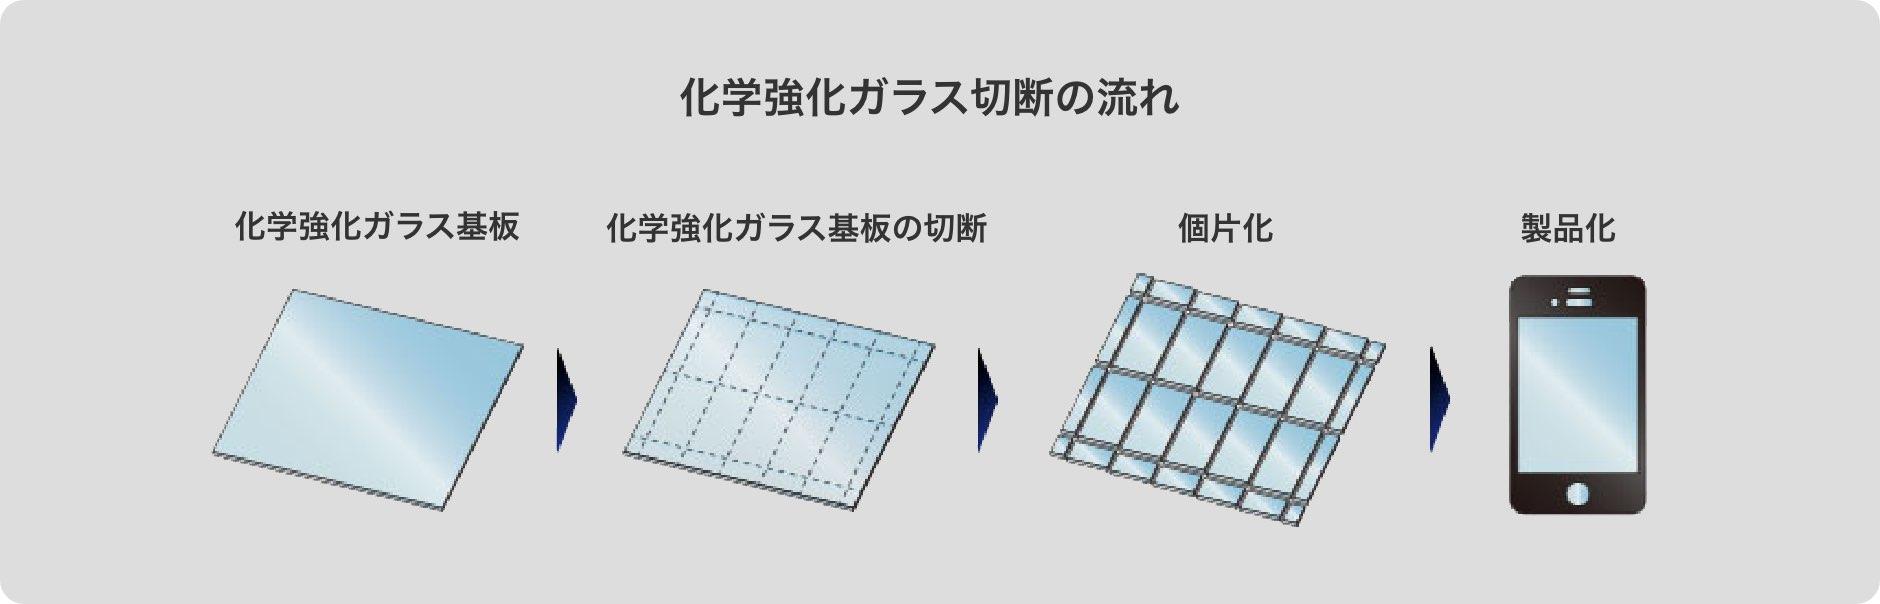 化学強化ガラス切断の流れ